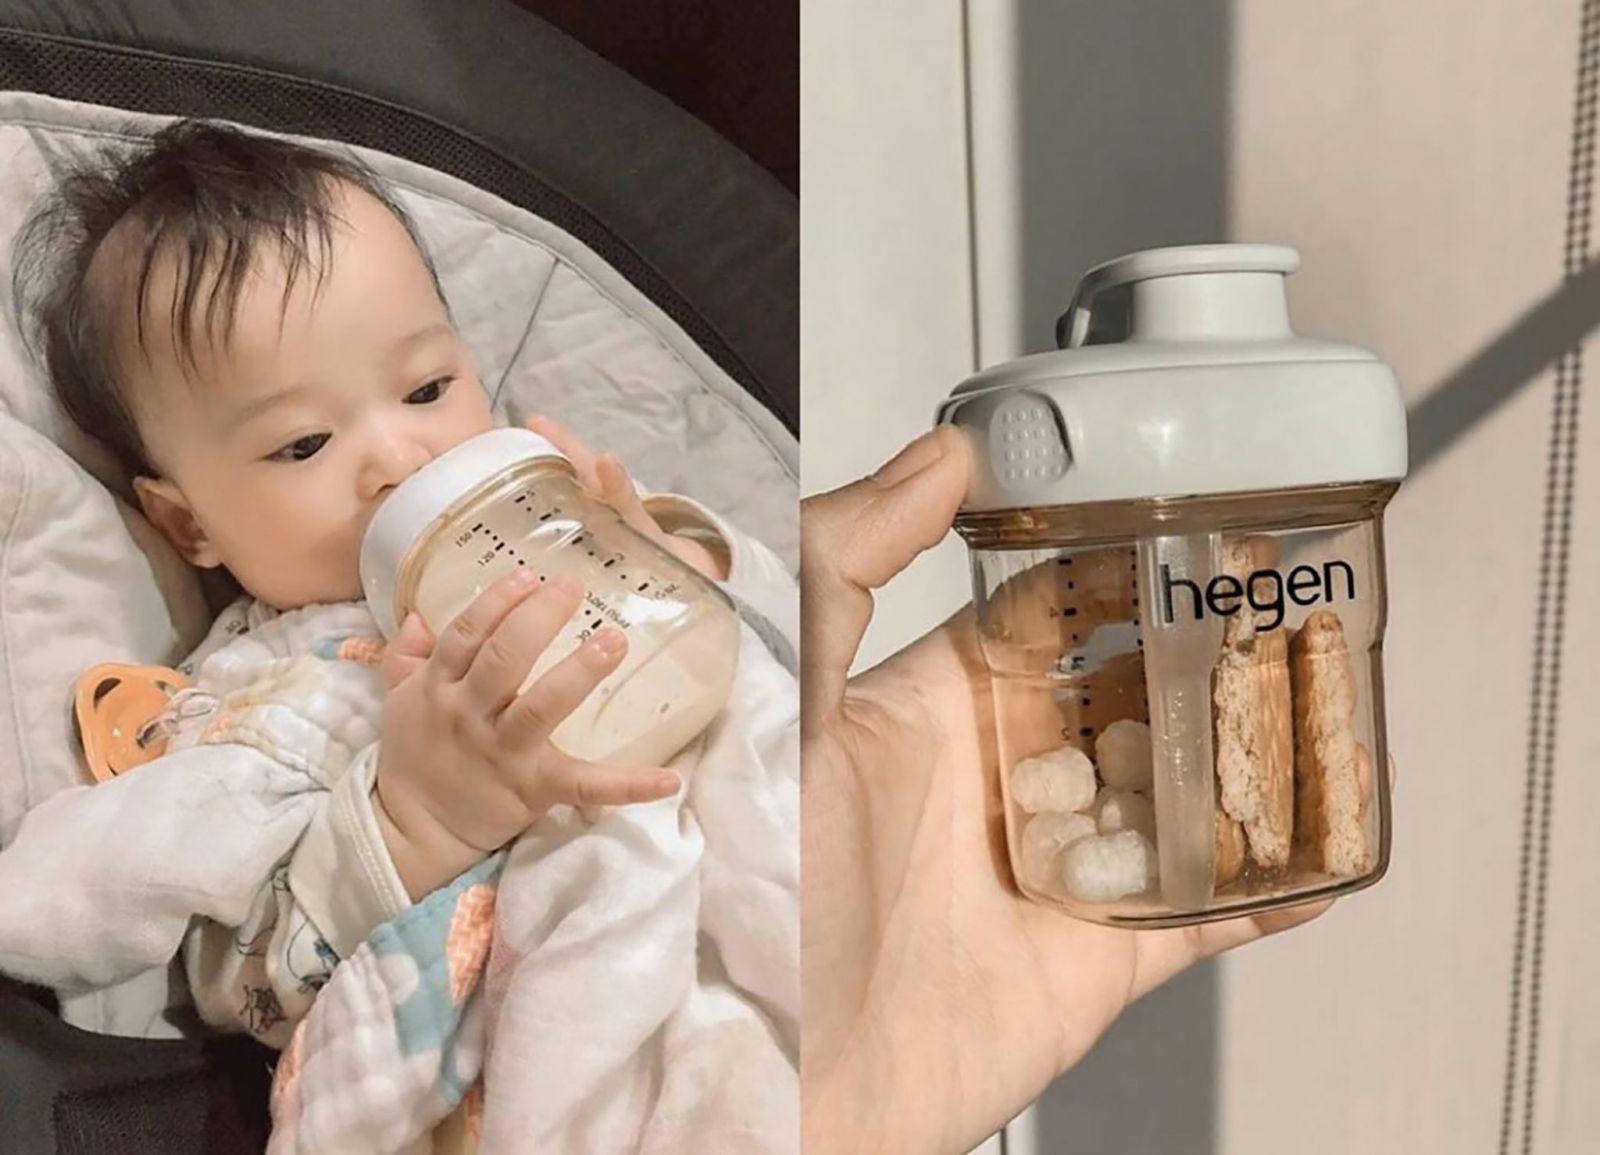 Bình sữa Hegen PPSU 150ml núm ti dành cho bé 0-3 tháng tuổi